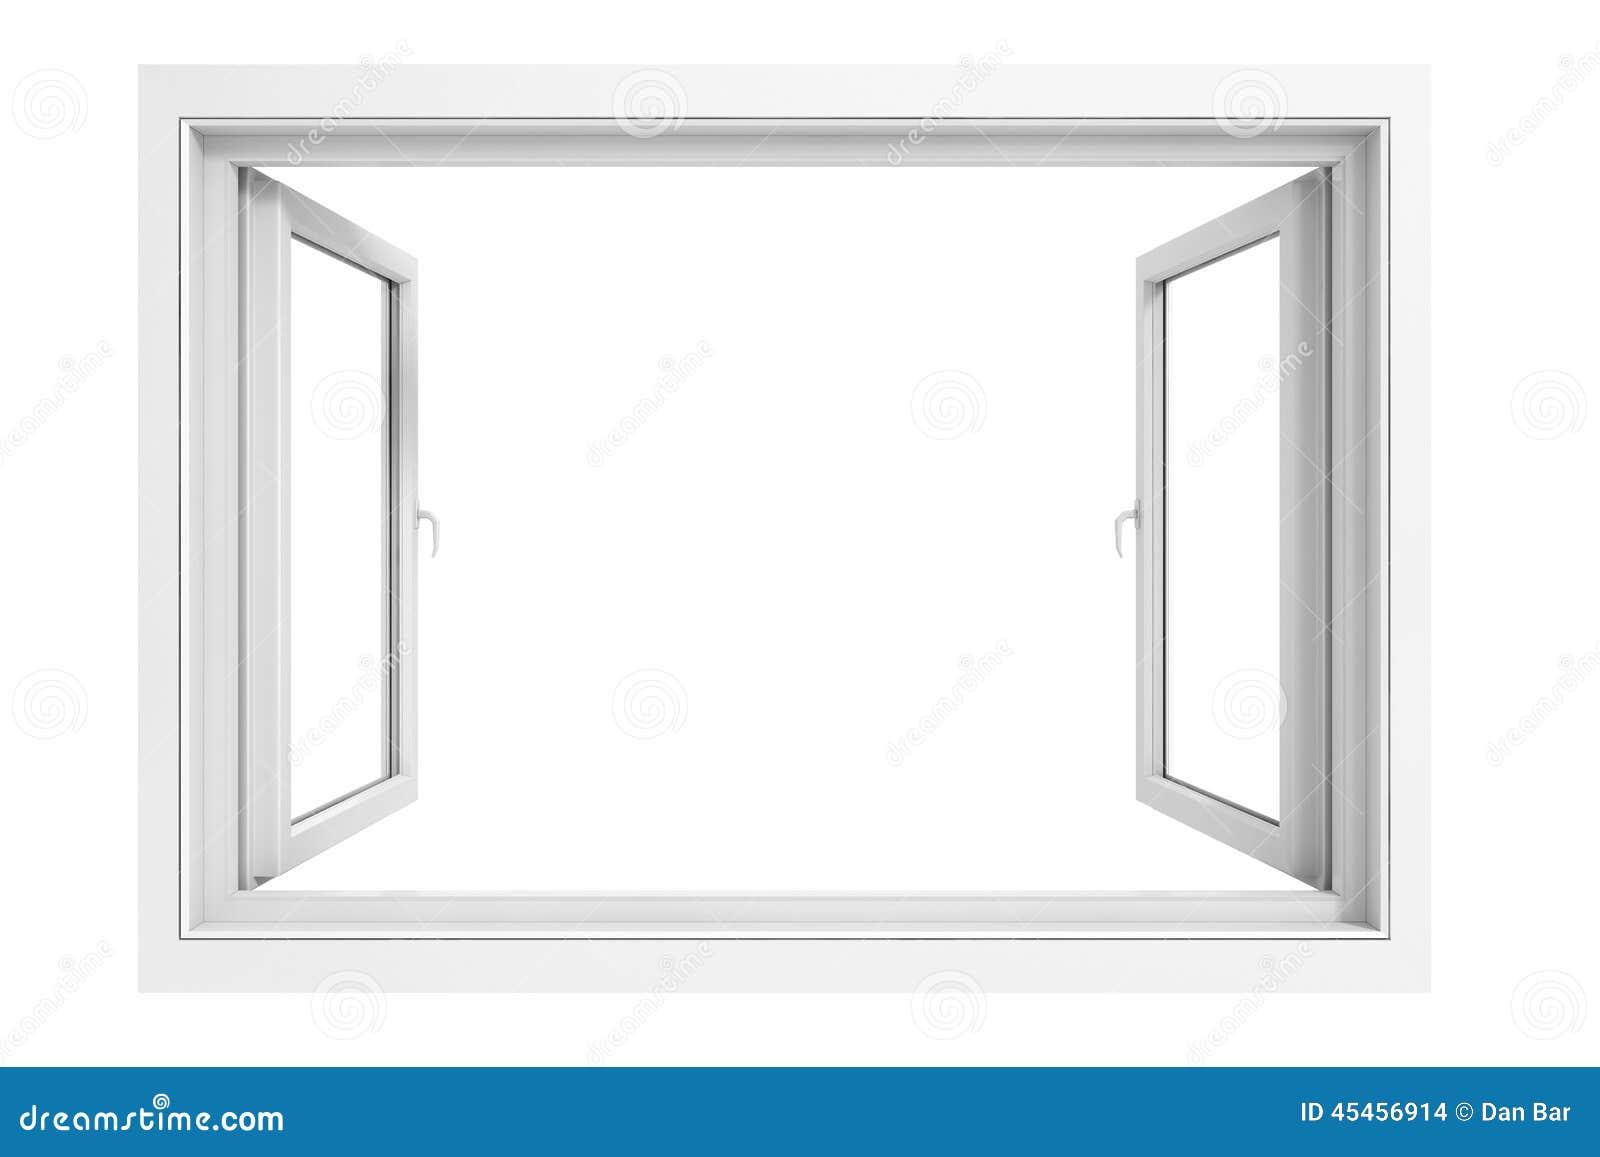 Marco de ventana 3d stock de ilustración. Ilustración de blank ...